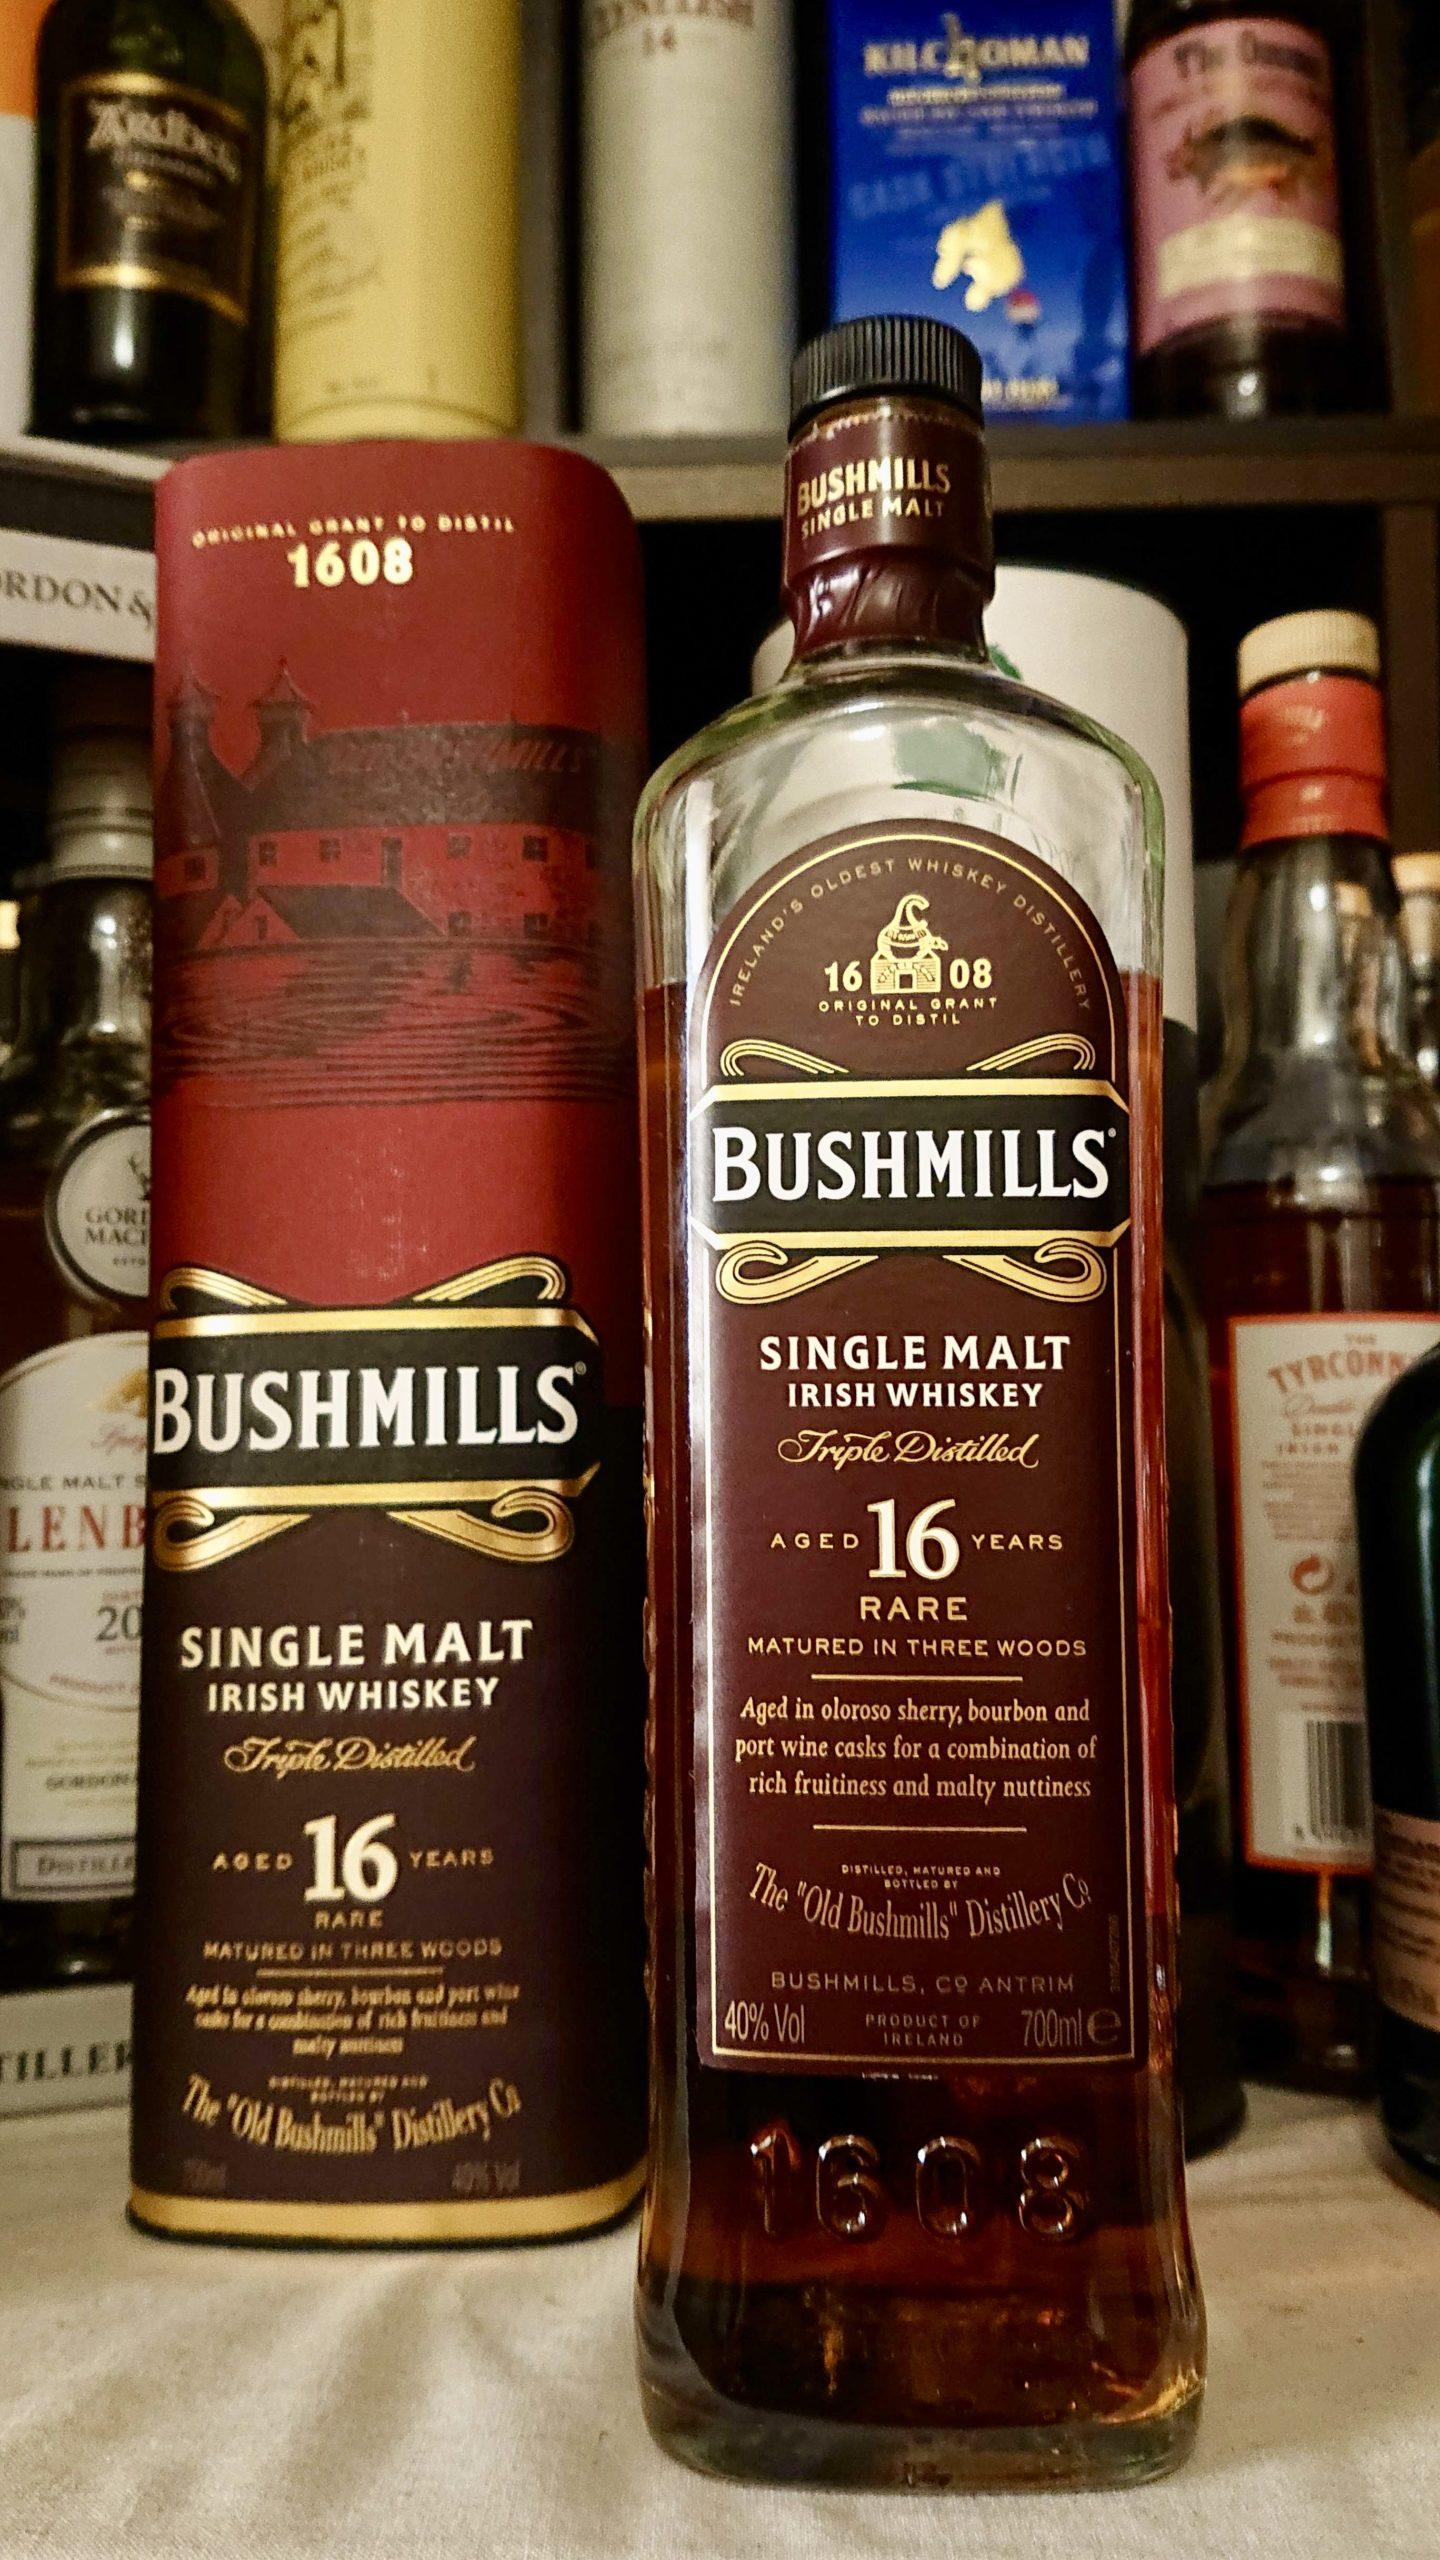 ブッシュミルズ16年のテイスティング&レヴュー・ポートワインカスクにて後熟。凝縮された果実感に酔いしれる長熟ブッシュミルズ!